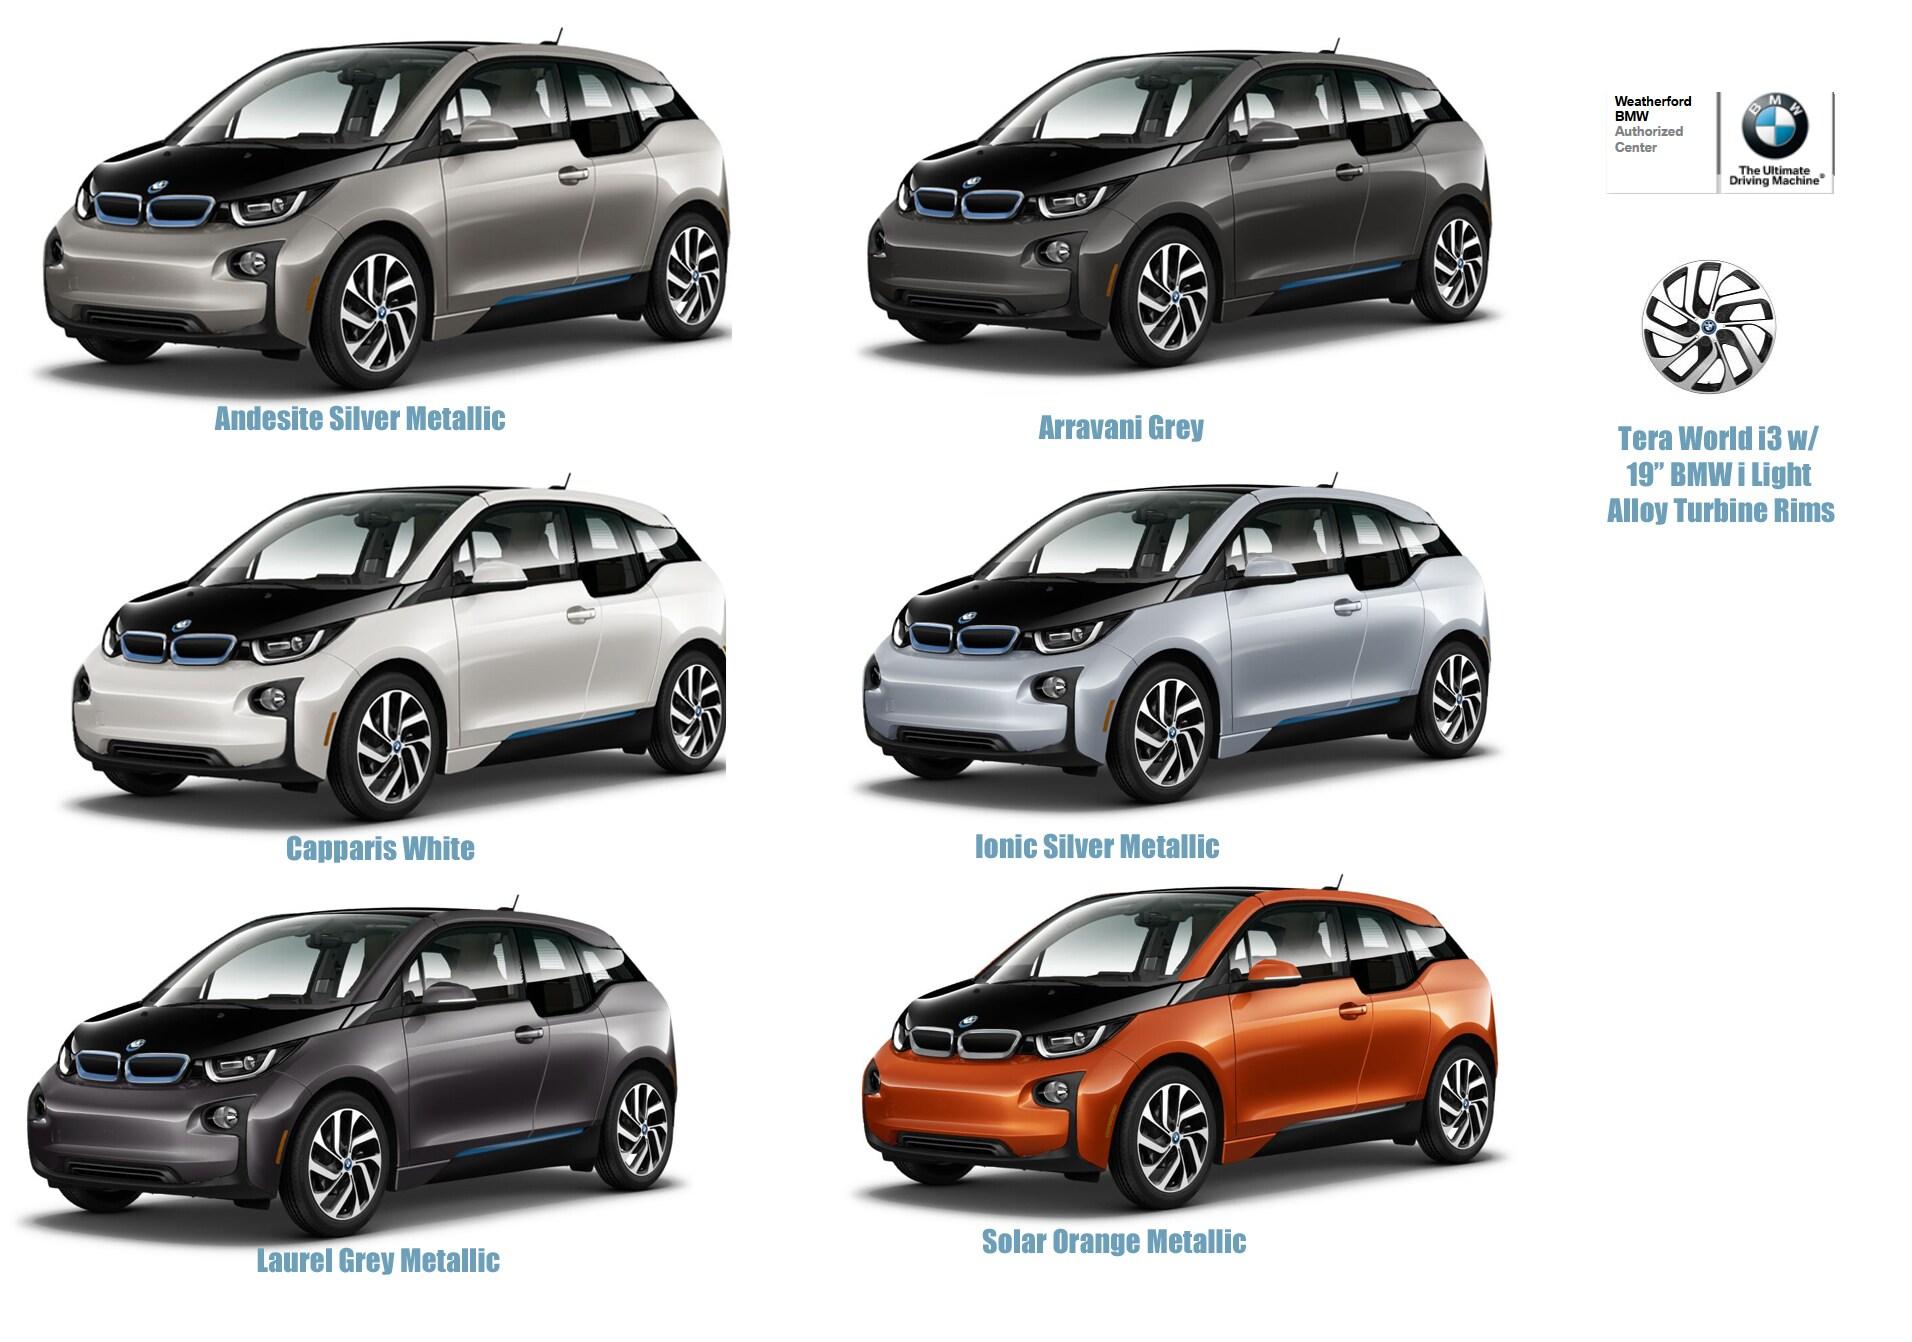 2014 BMW I3 Tera World Trim Level